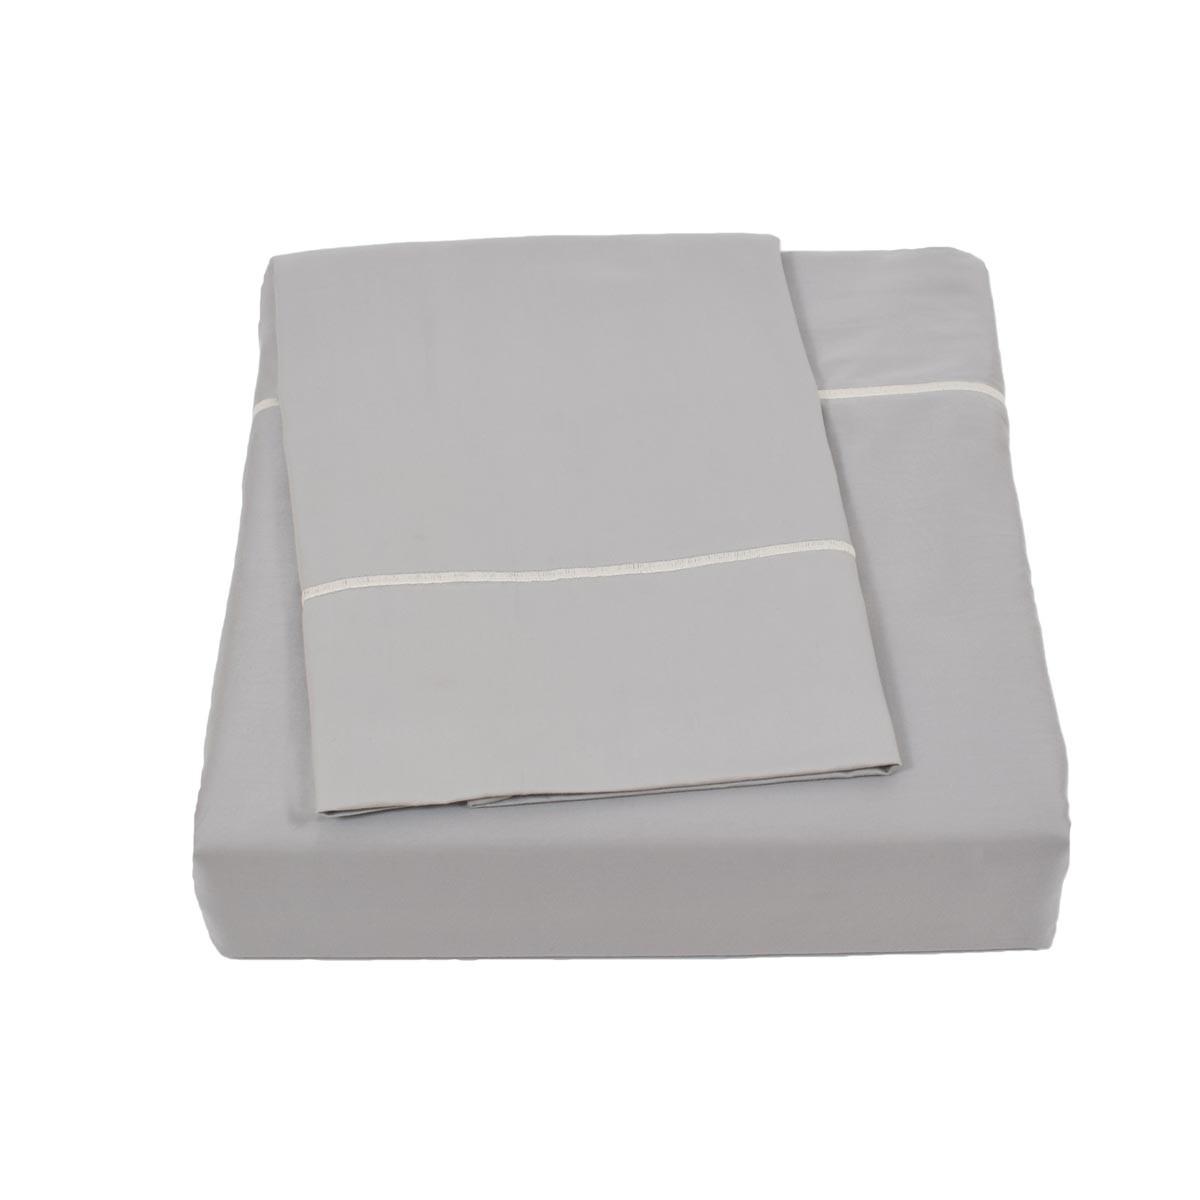 Σεντόνια Υπέρδιπλα (Σετ) BW Satin Cotton Light Grey